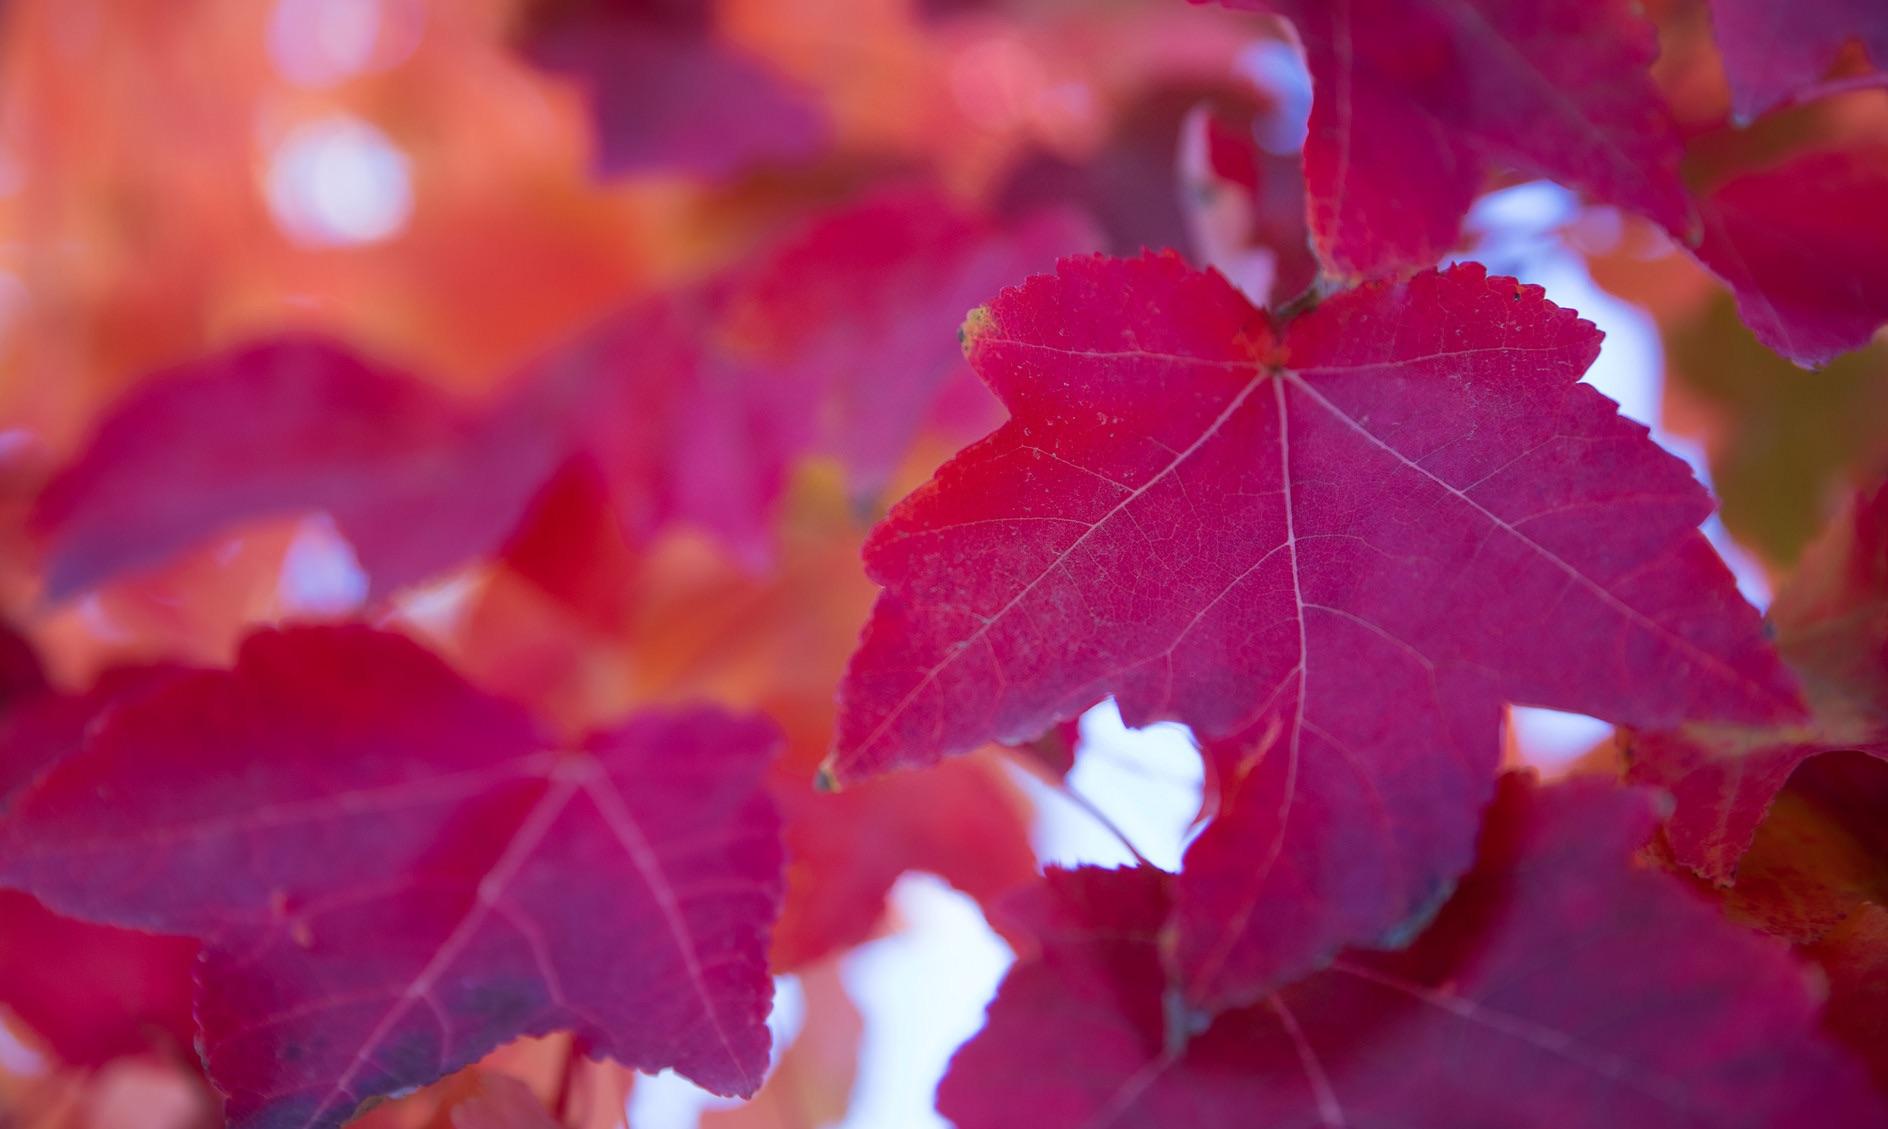 Prävention: rote Weinblätter gegen Krampfadern